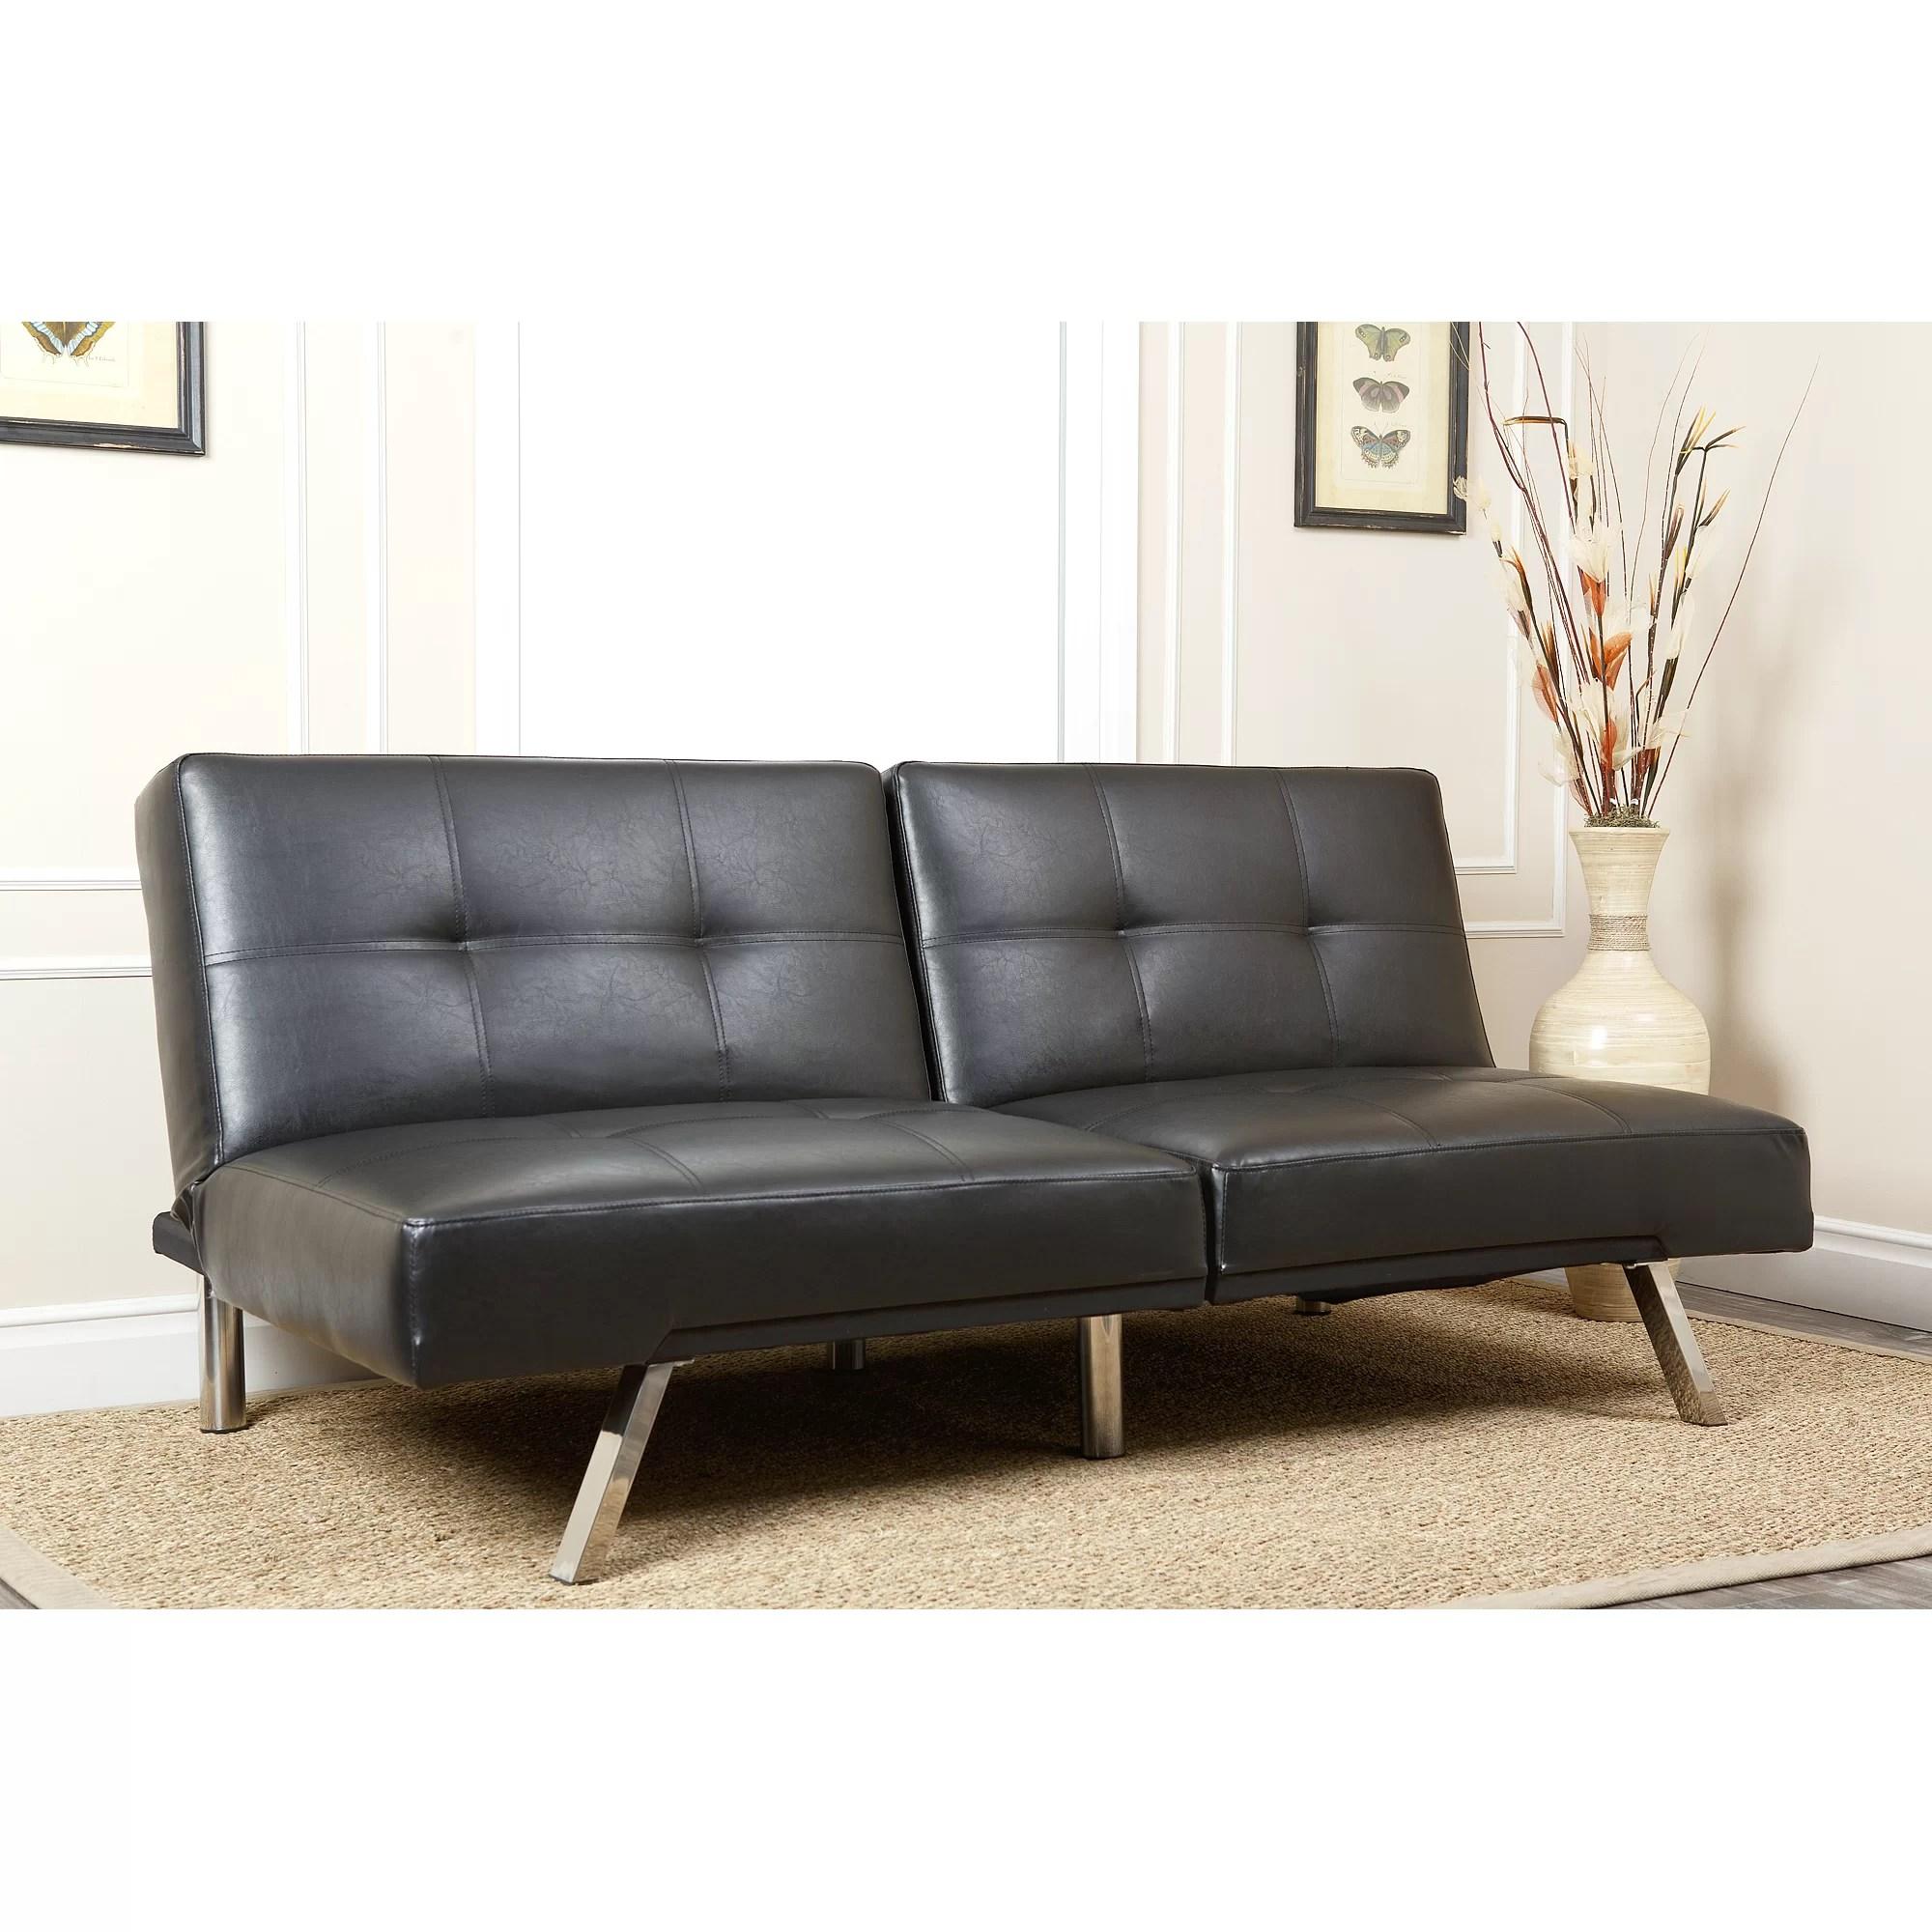 Abbyson Living Aspen Convertible Sleeper Sofa  Reviews  Wayfair